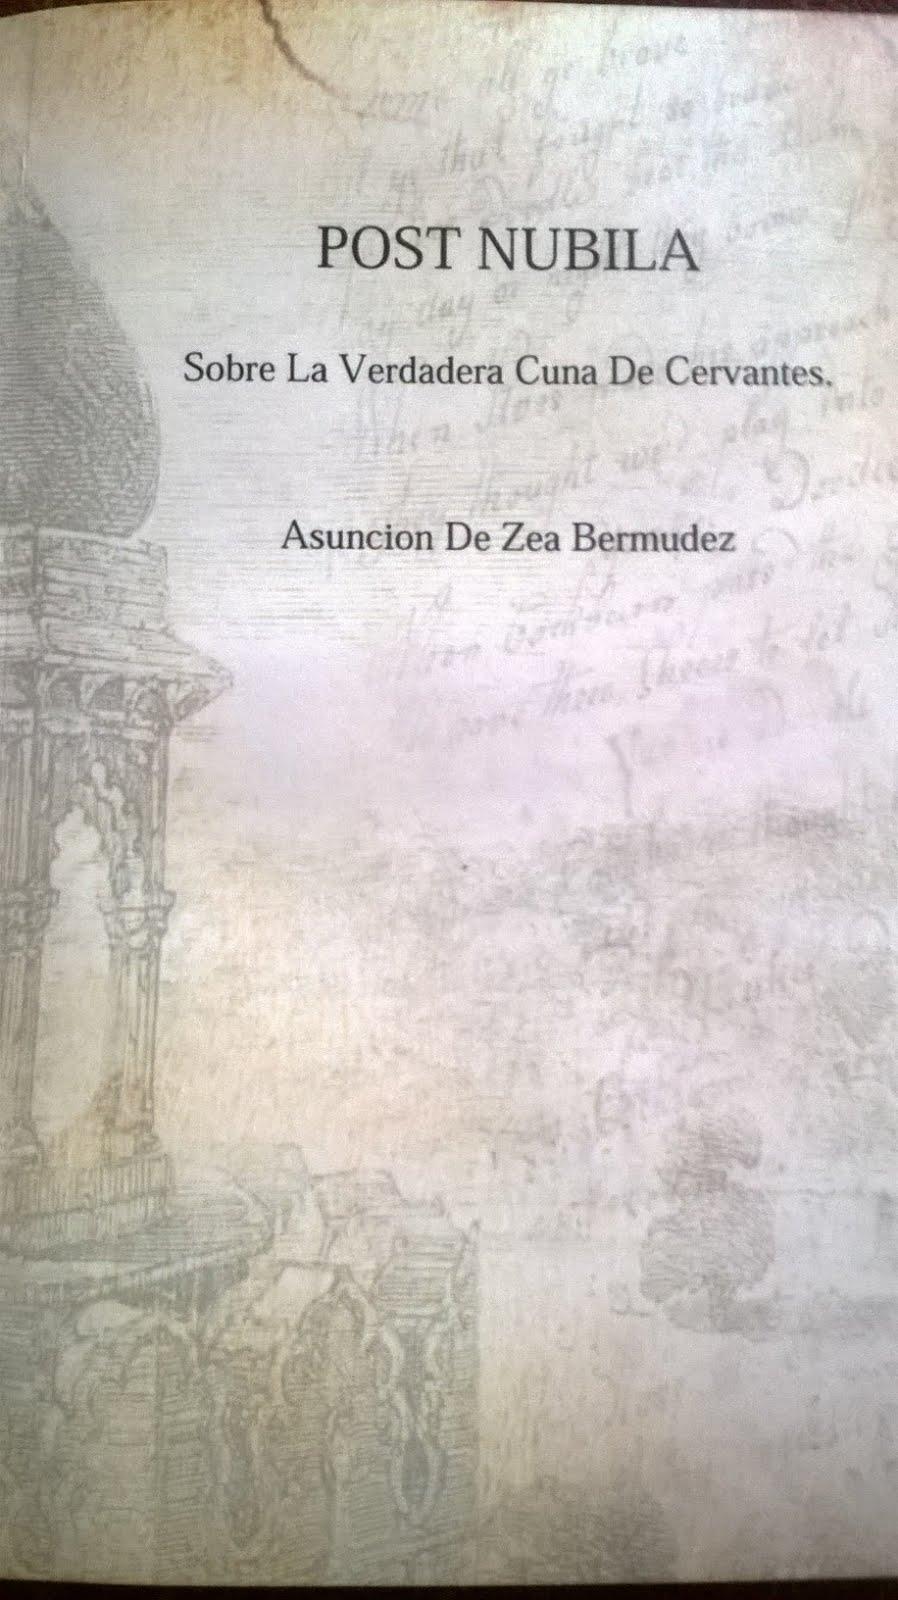 POST NUBILA (sobre la verdadera cuna de Cervantes)